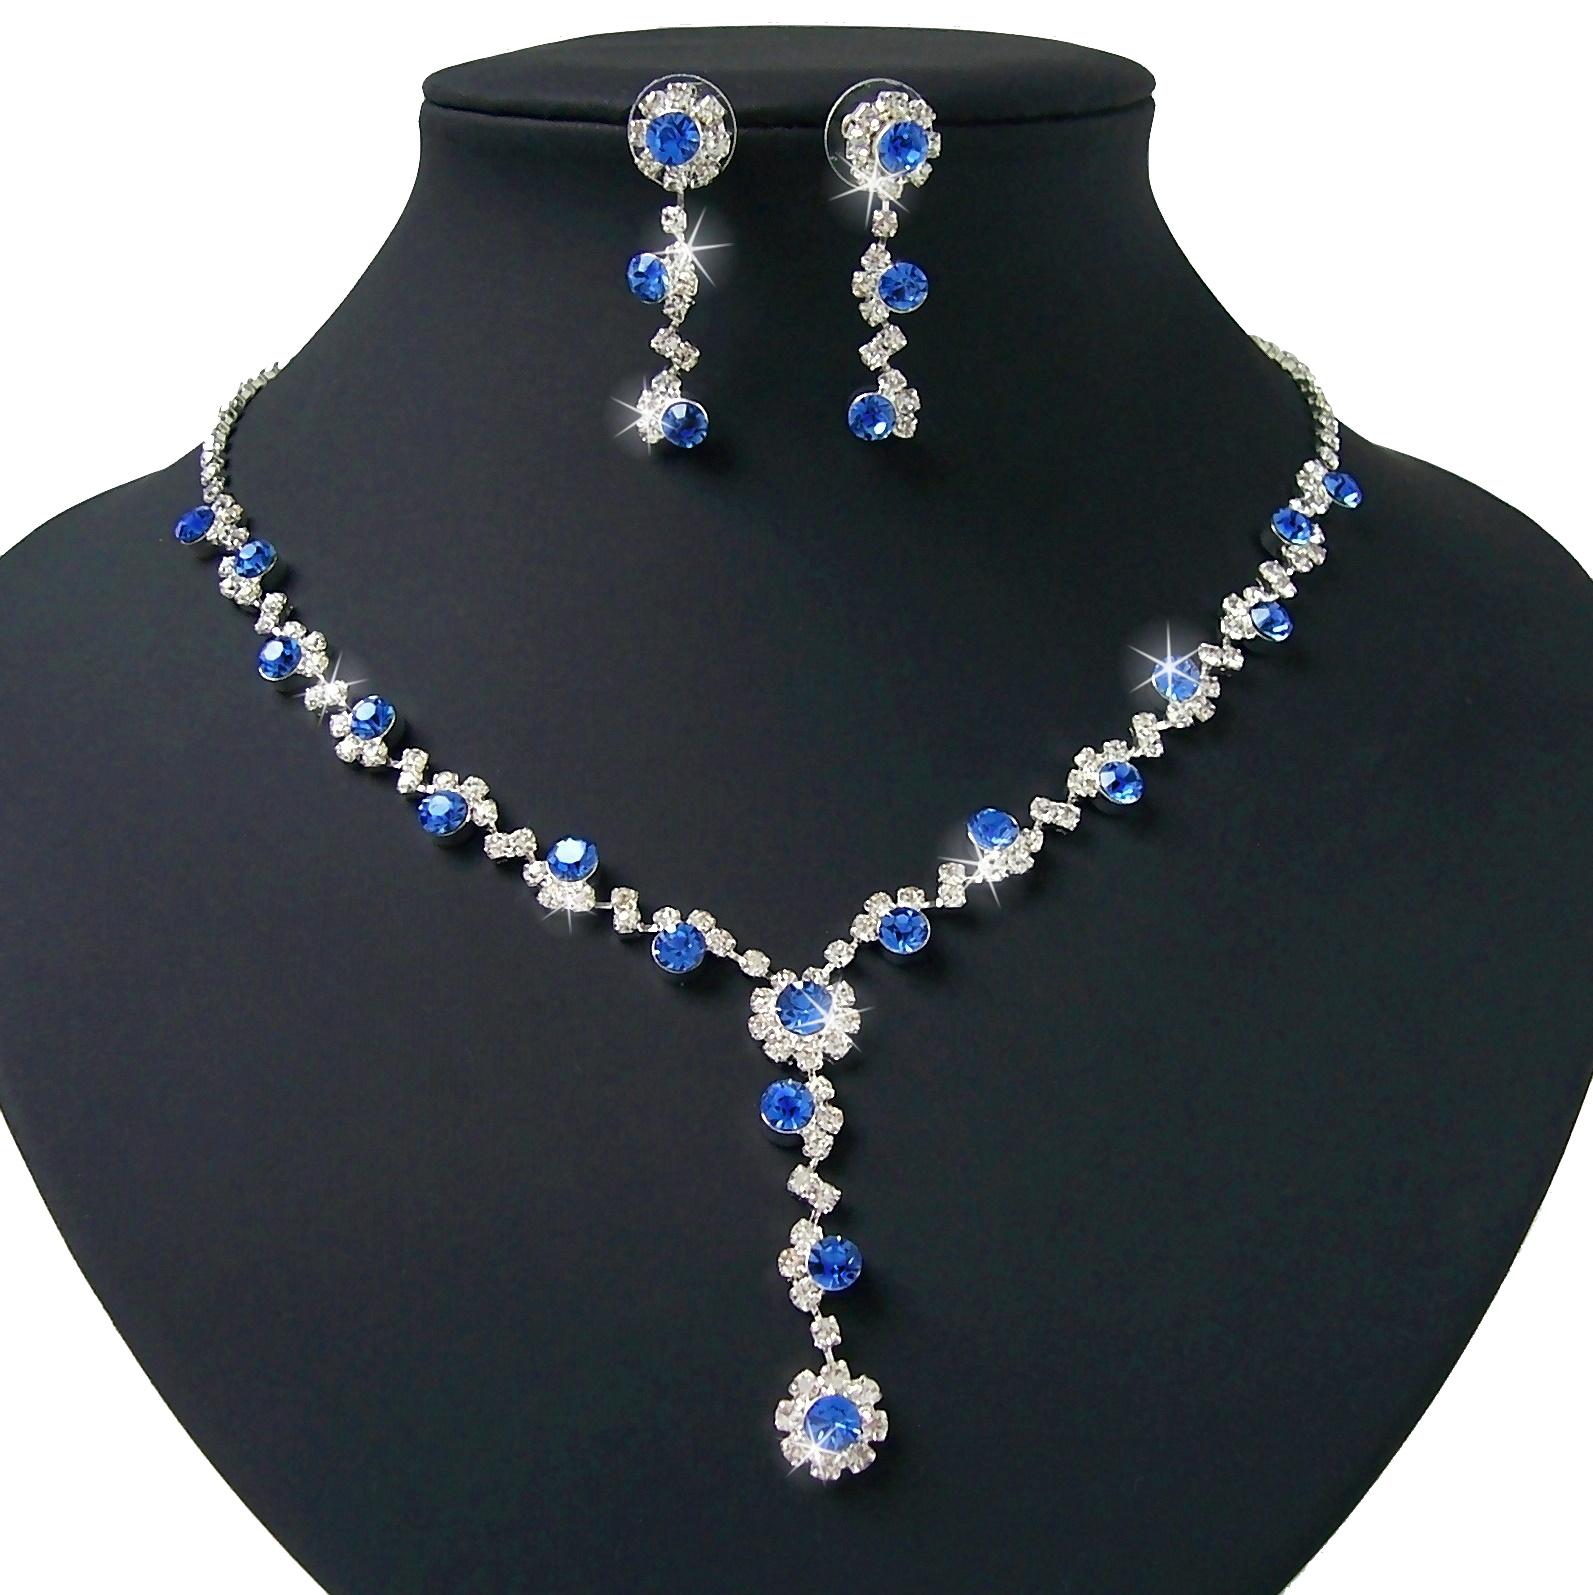 Schmuckset Collier Kette Ohrringe Silber pl royal Hochzeit Braut S1015